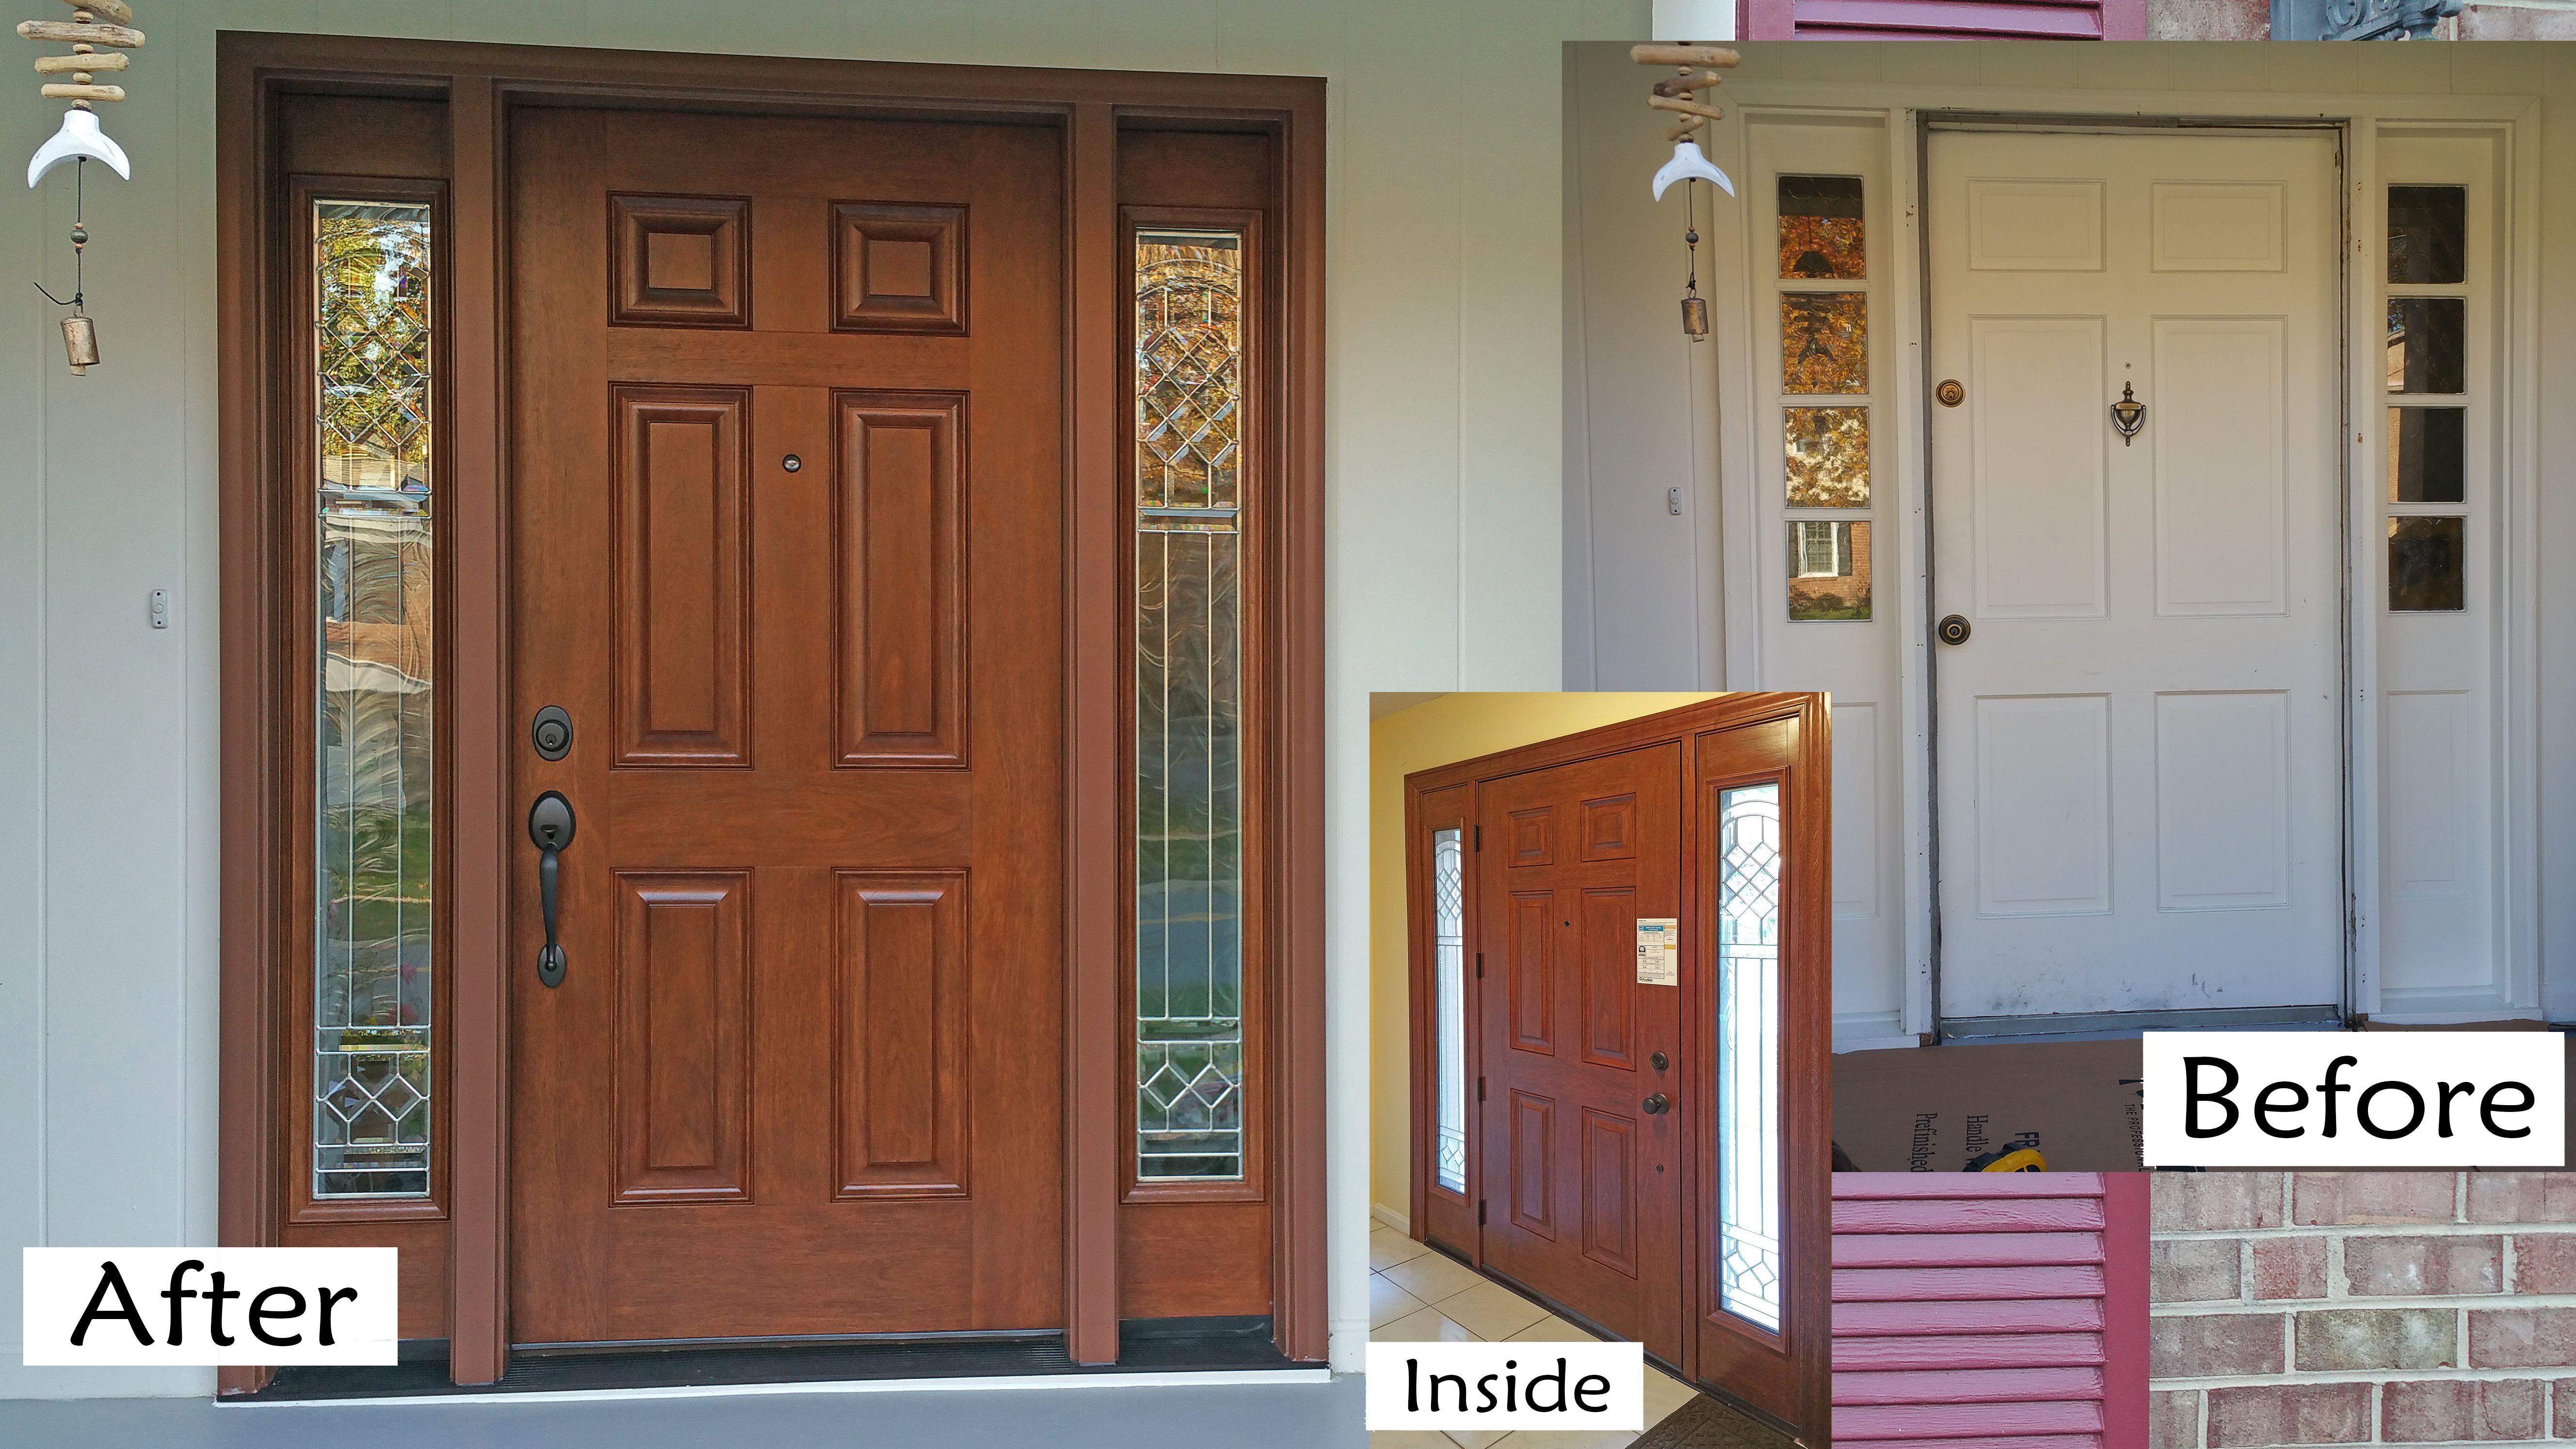 Provia Signet Mahogany Skin Fiberglass Door American Cherry Hand Stain Crystal Decorative Glass Side Lites With Zinc C Fiberglass Door Glass Decor Front Door